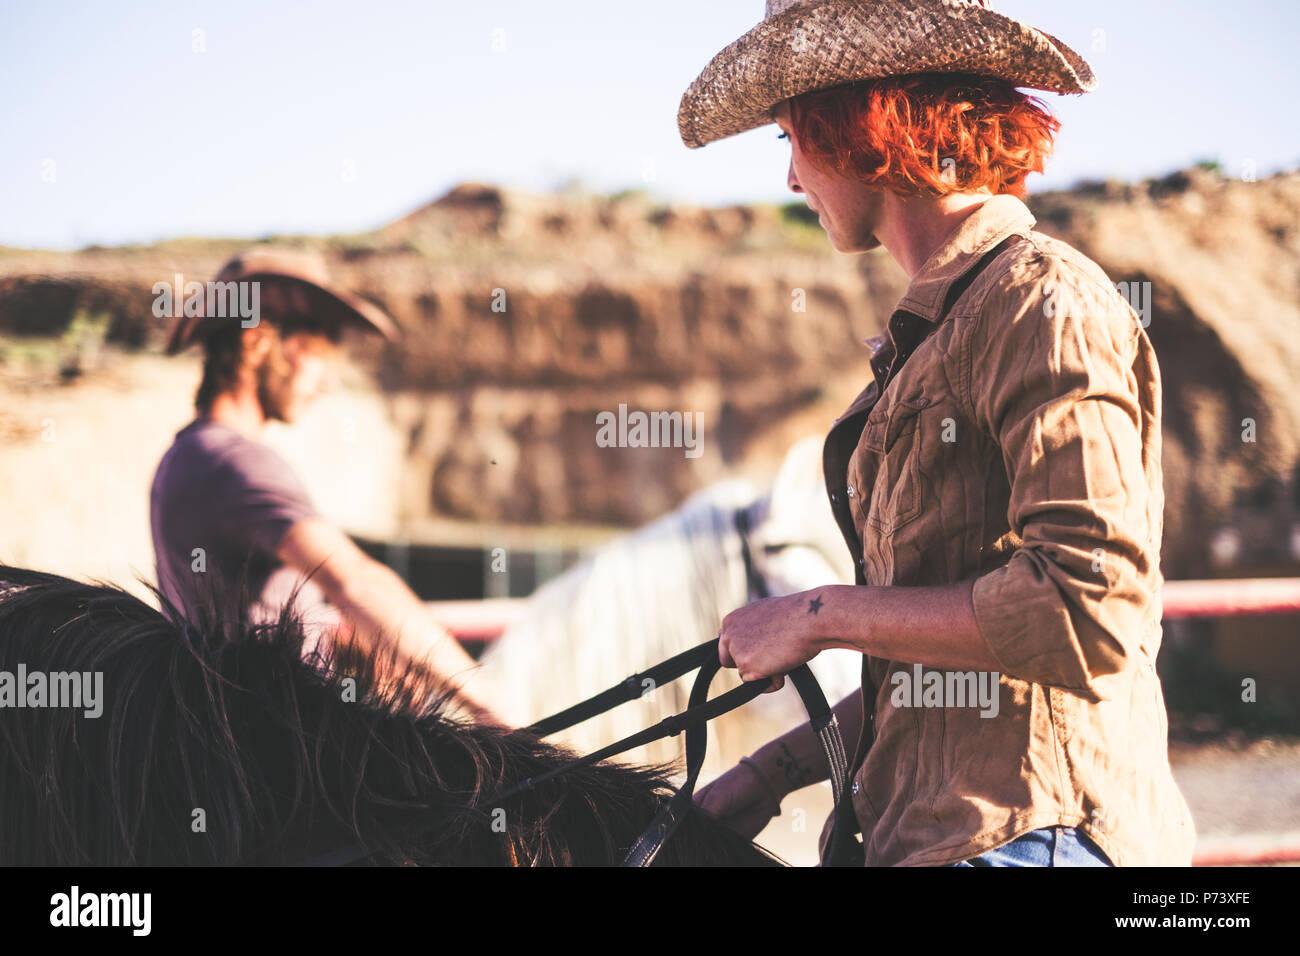 Paar der Moderne cowboy Ride zusammen. ein Mann und eine Frau mit zwei Pferde. warm filter Bild für alternativen Lebensstil und arbeiten oder Aktivitäten im Freien Stockbild